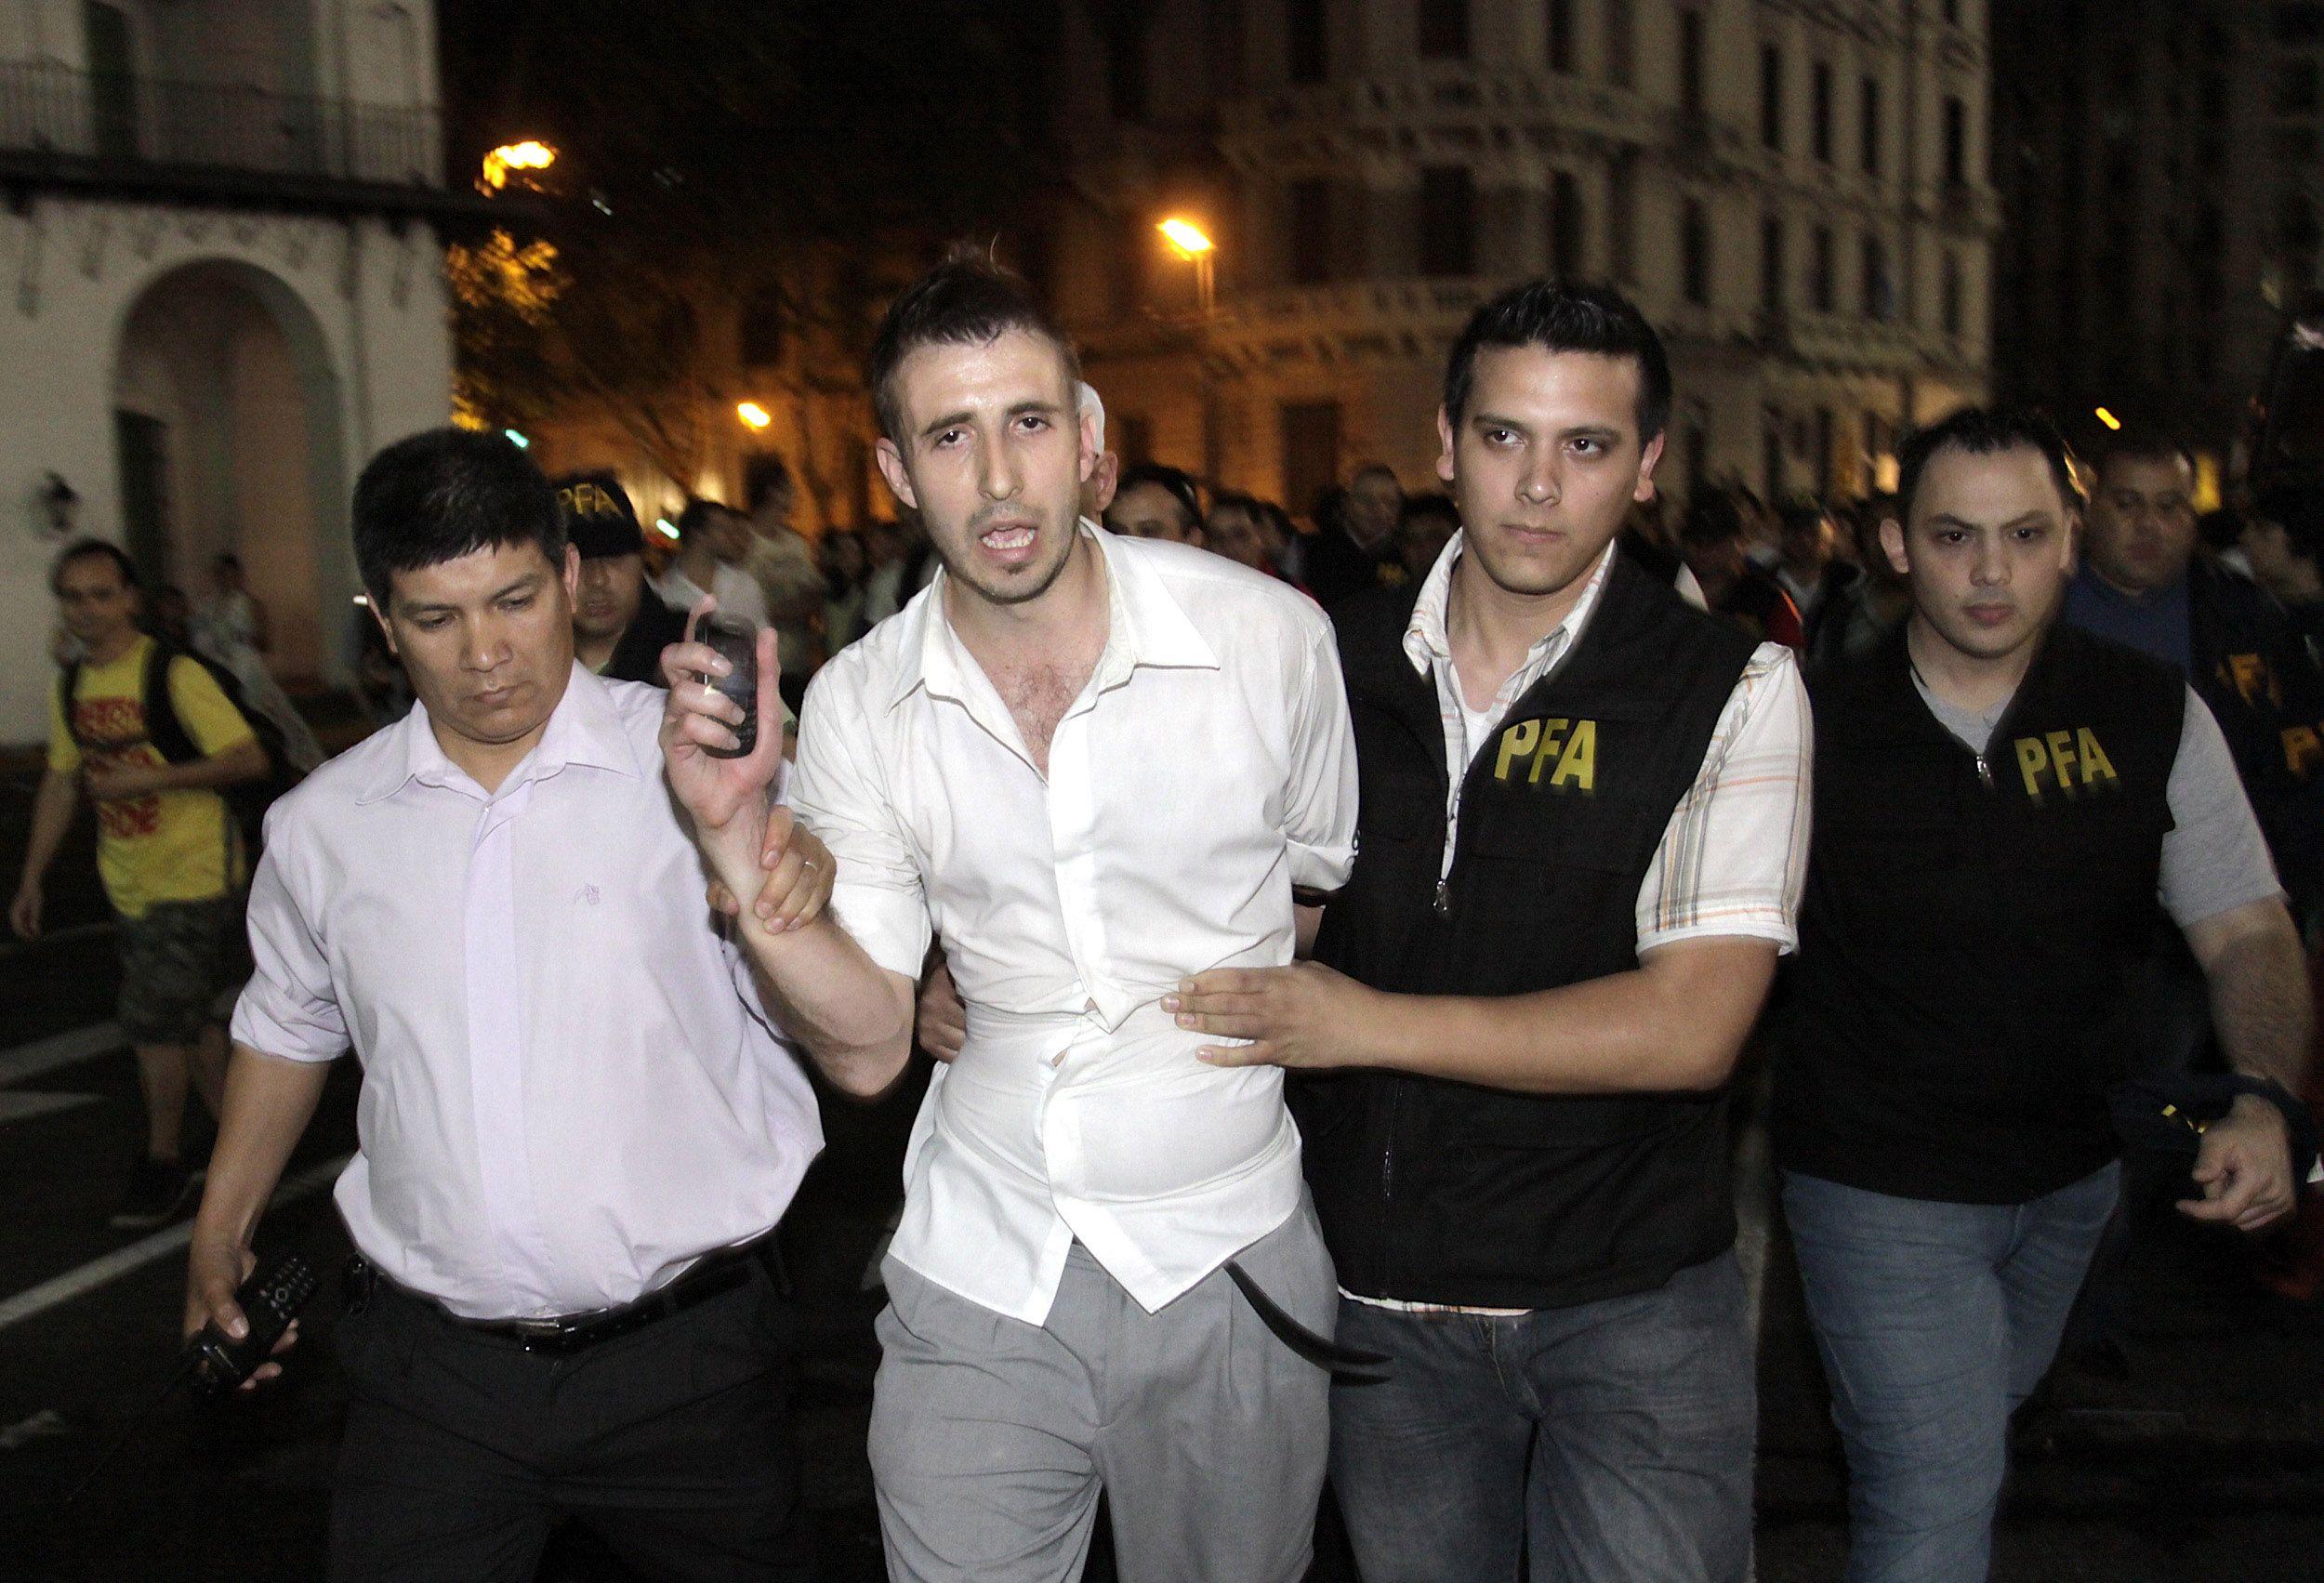 Nicolás González Ayuso en el momento que fue detenido por la PFA